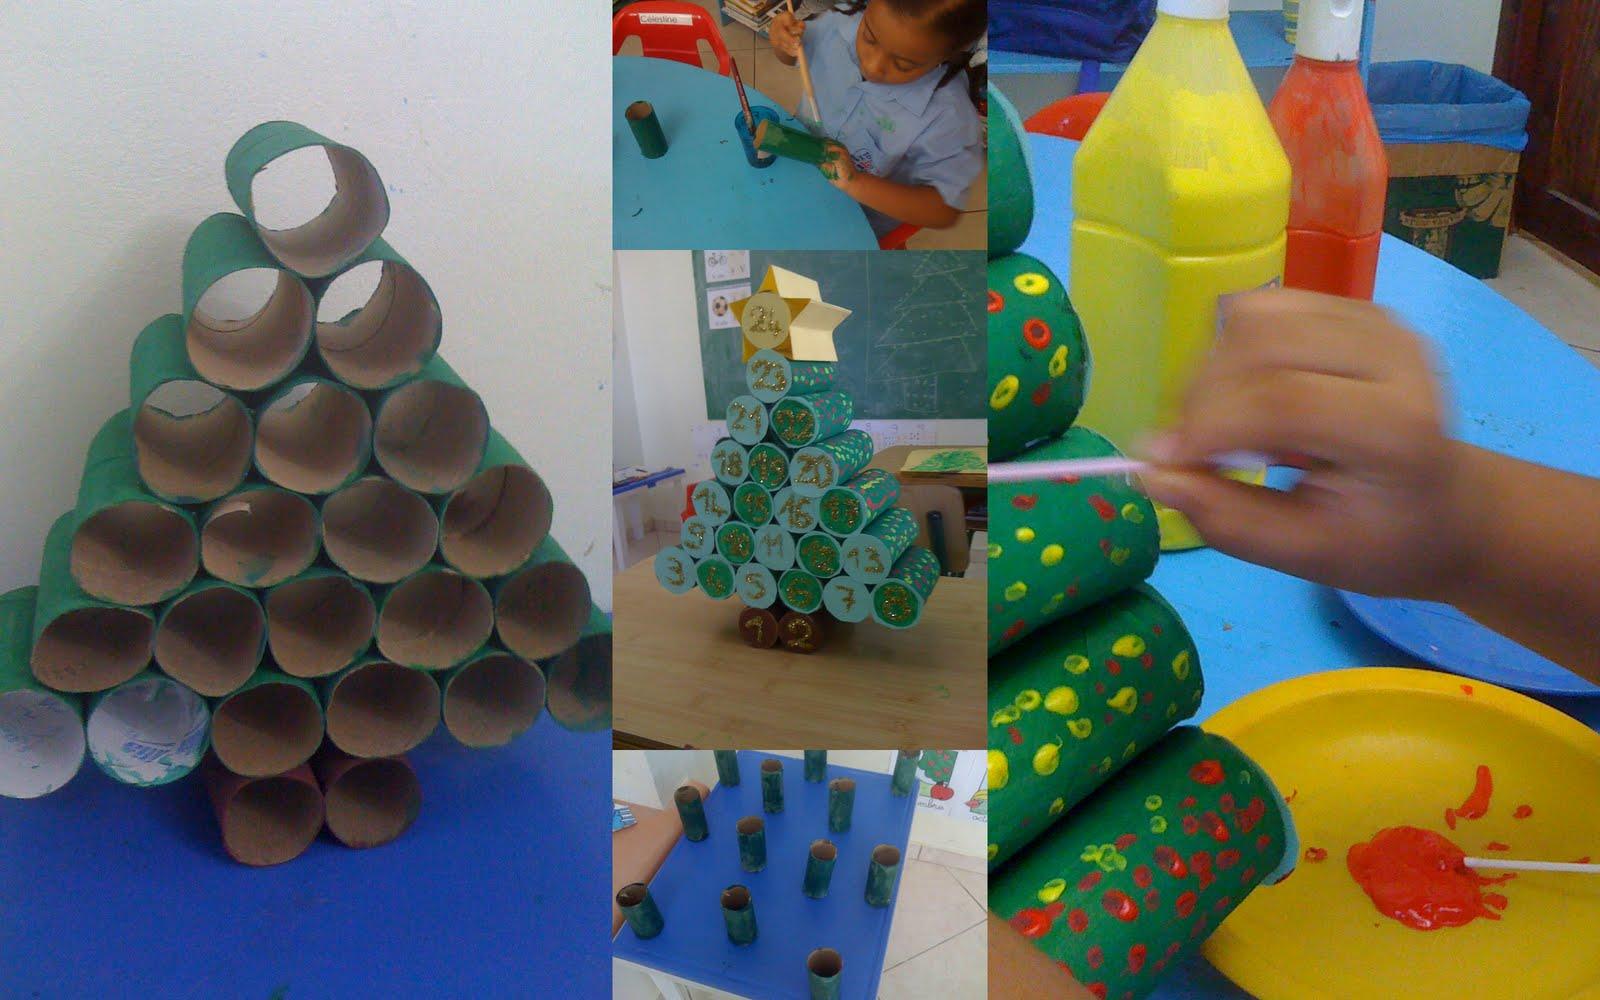 La classe de grande section maternelle cp calendrier de l 39 avent - Calendrier de l avent a fabriquer en maternelle ...